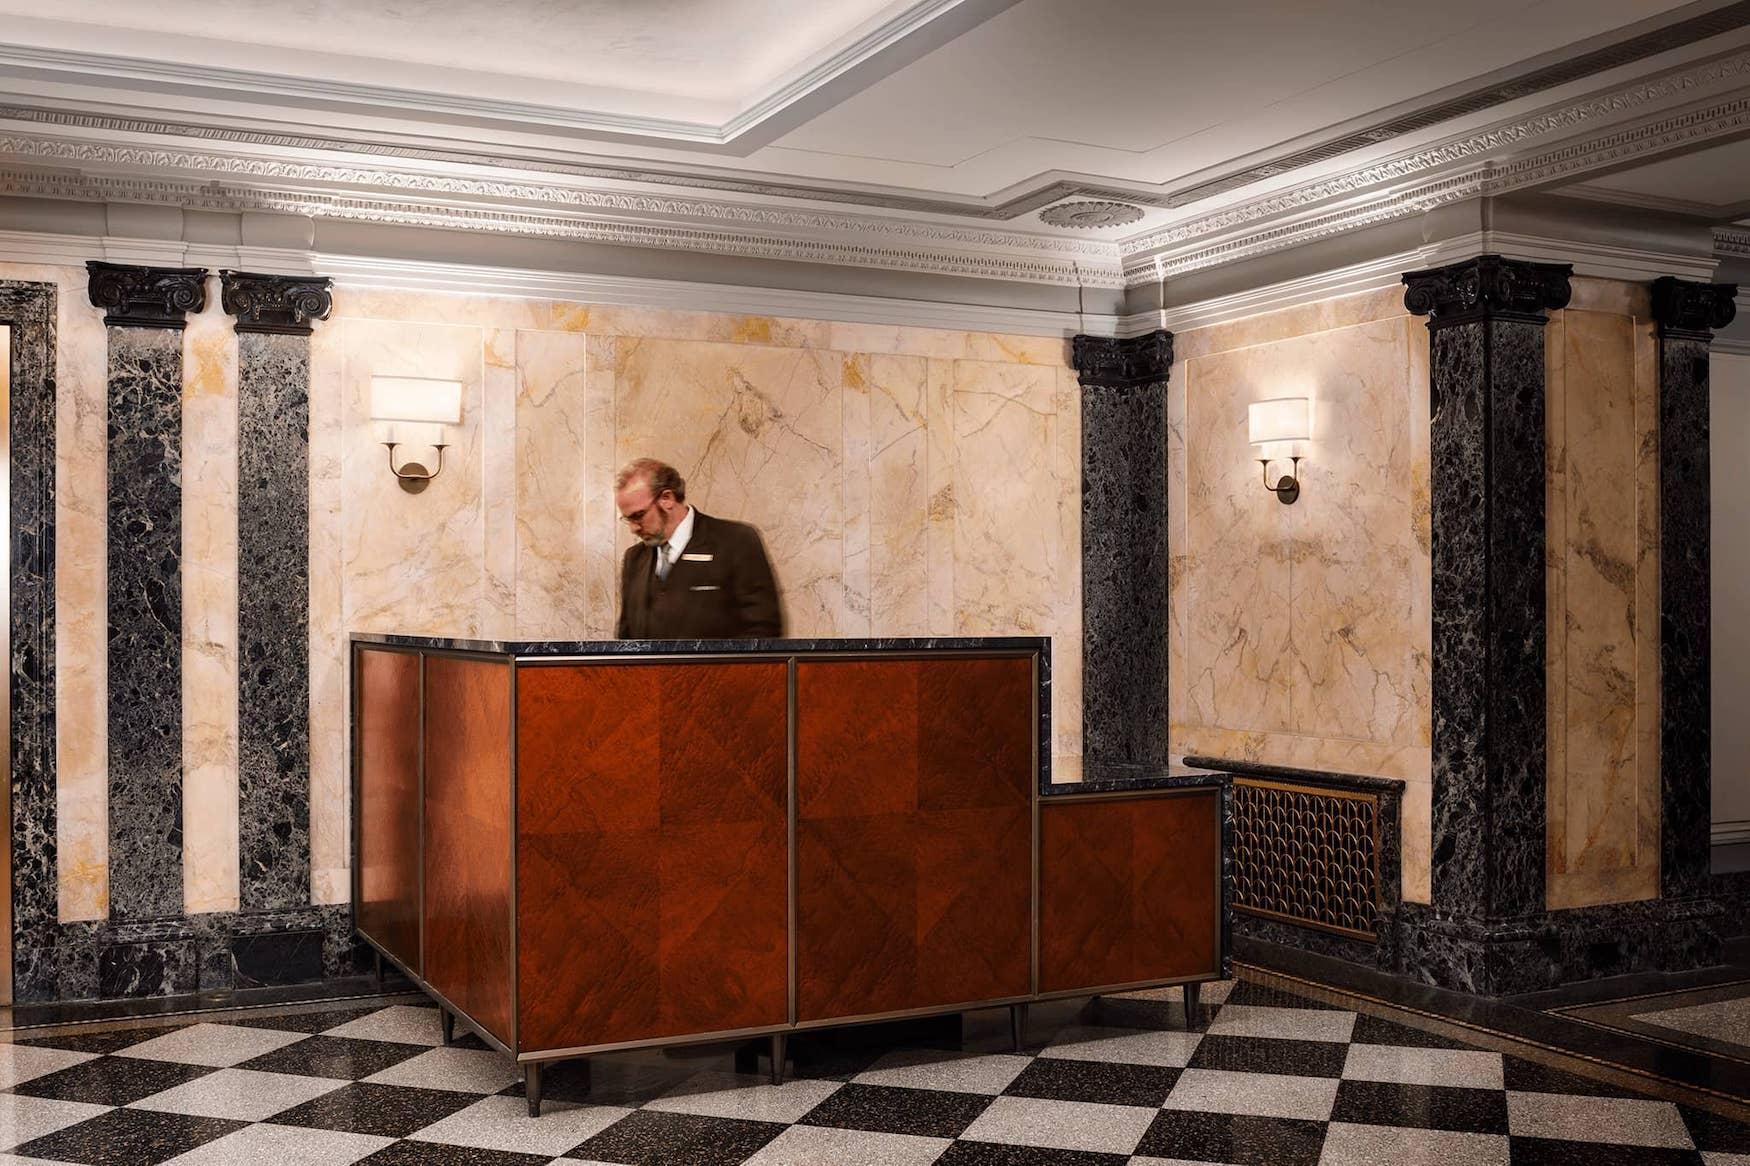 Concierge desk at 101 Central Park West